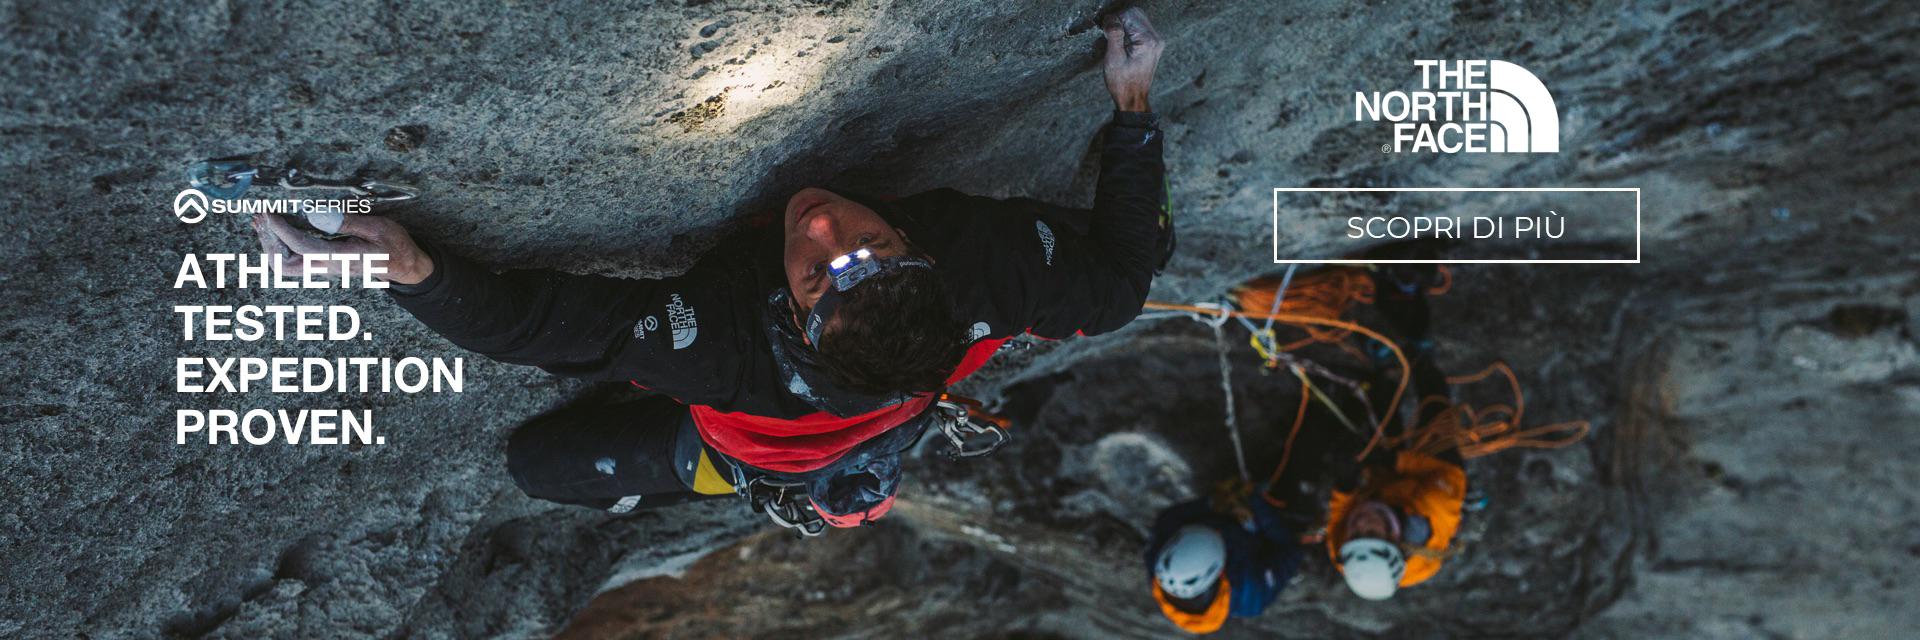 Gialdini Outdoor Equipment Il Tuo Negozio Di Sport Sci E Alpinismo